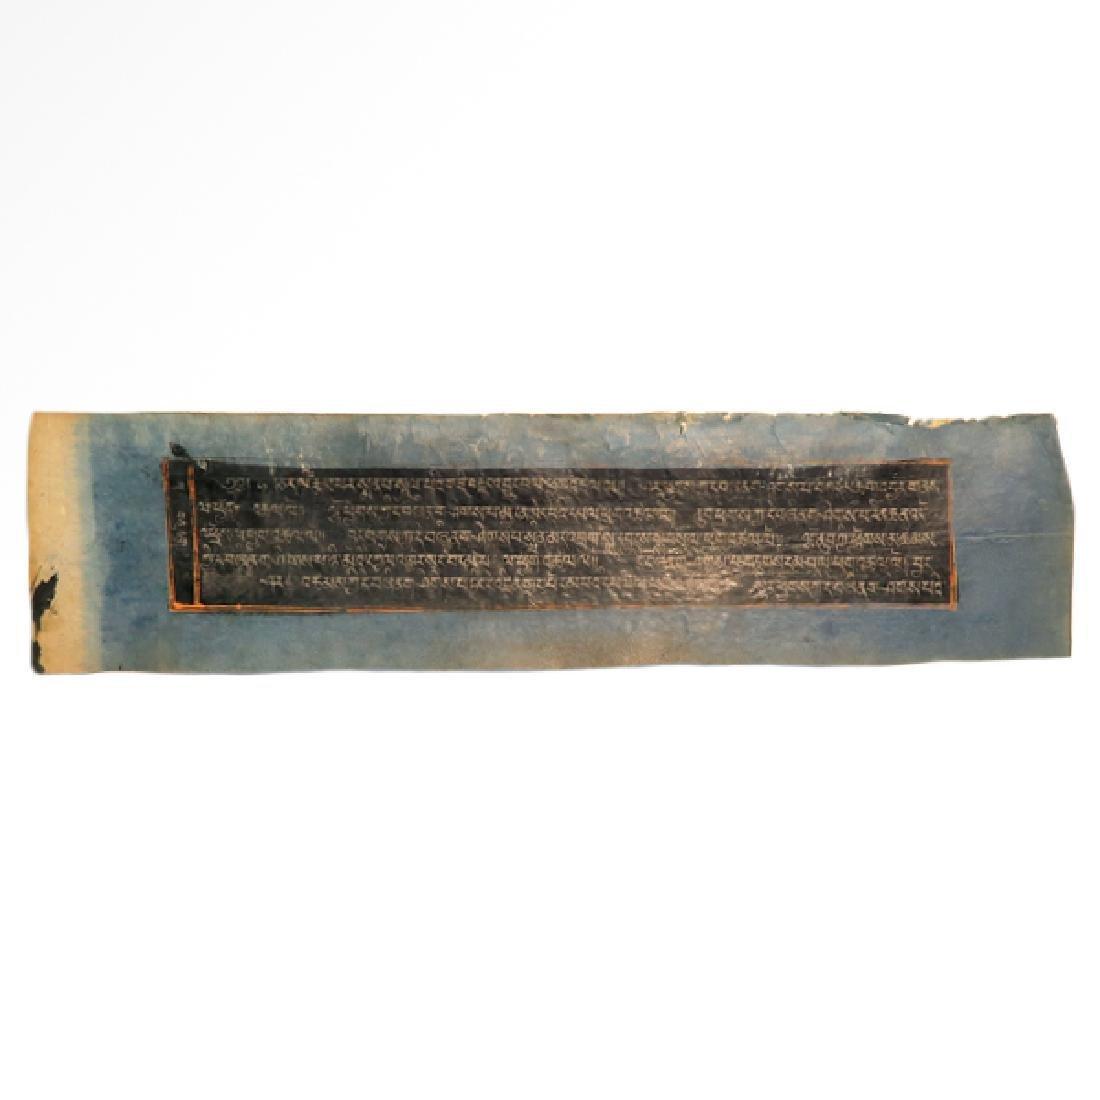 Tibetan Sutra Manuscript, C. Late 17th Century AD